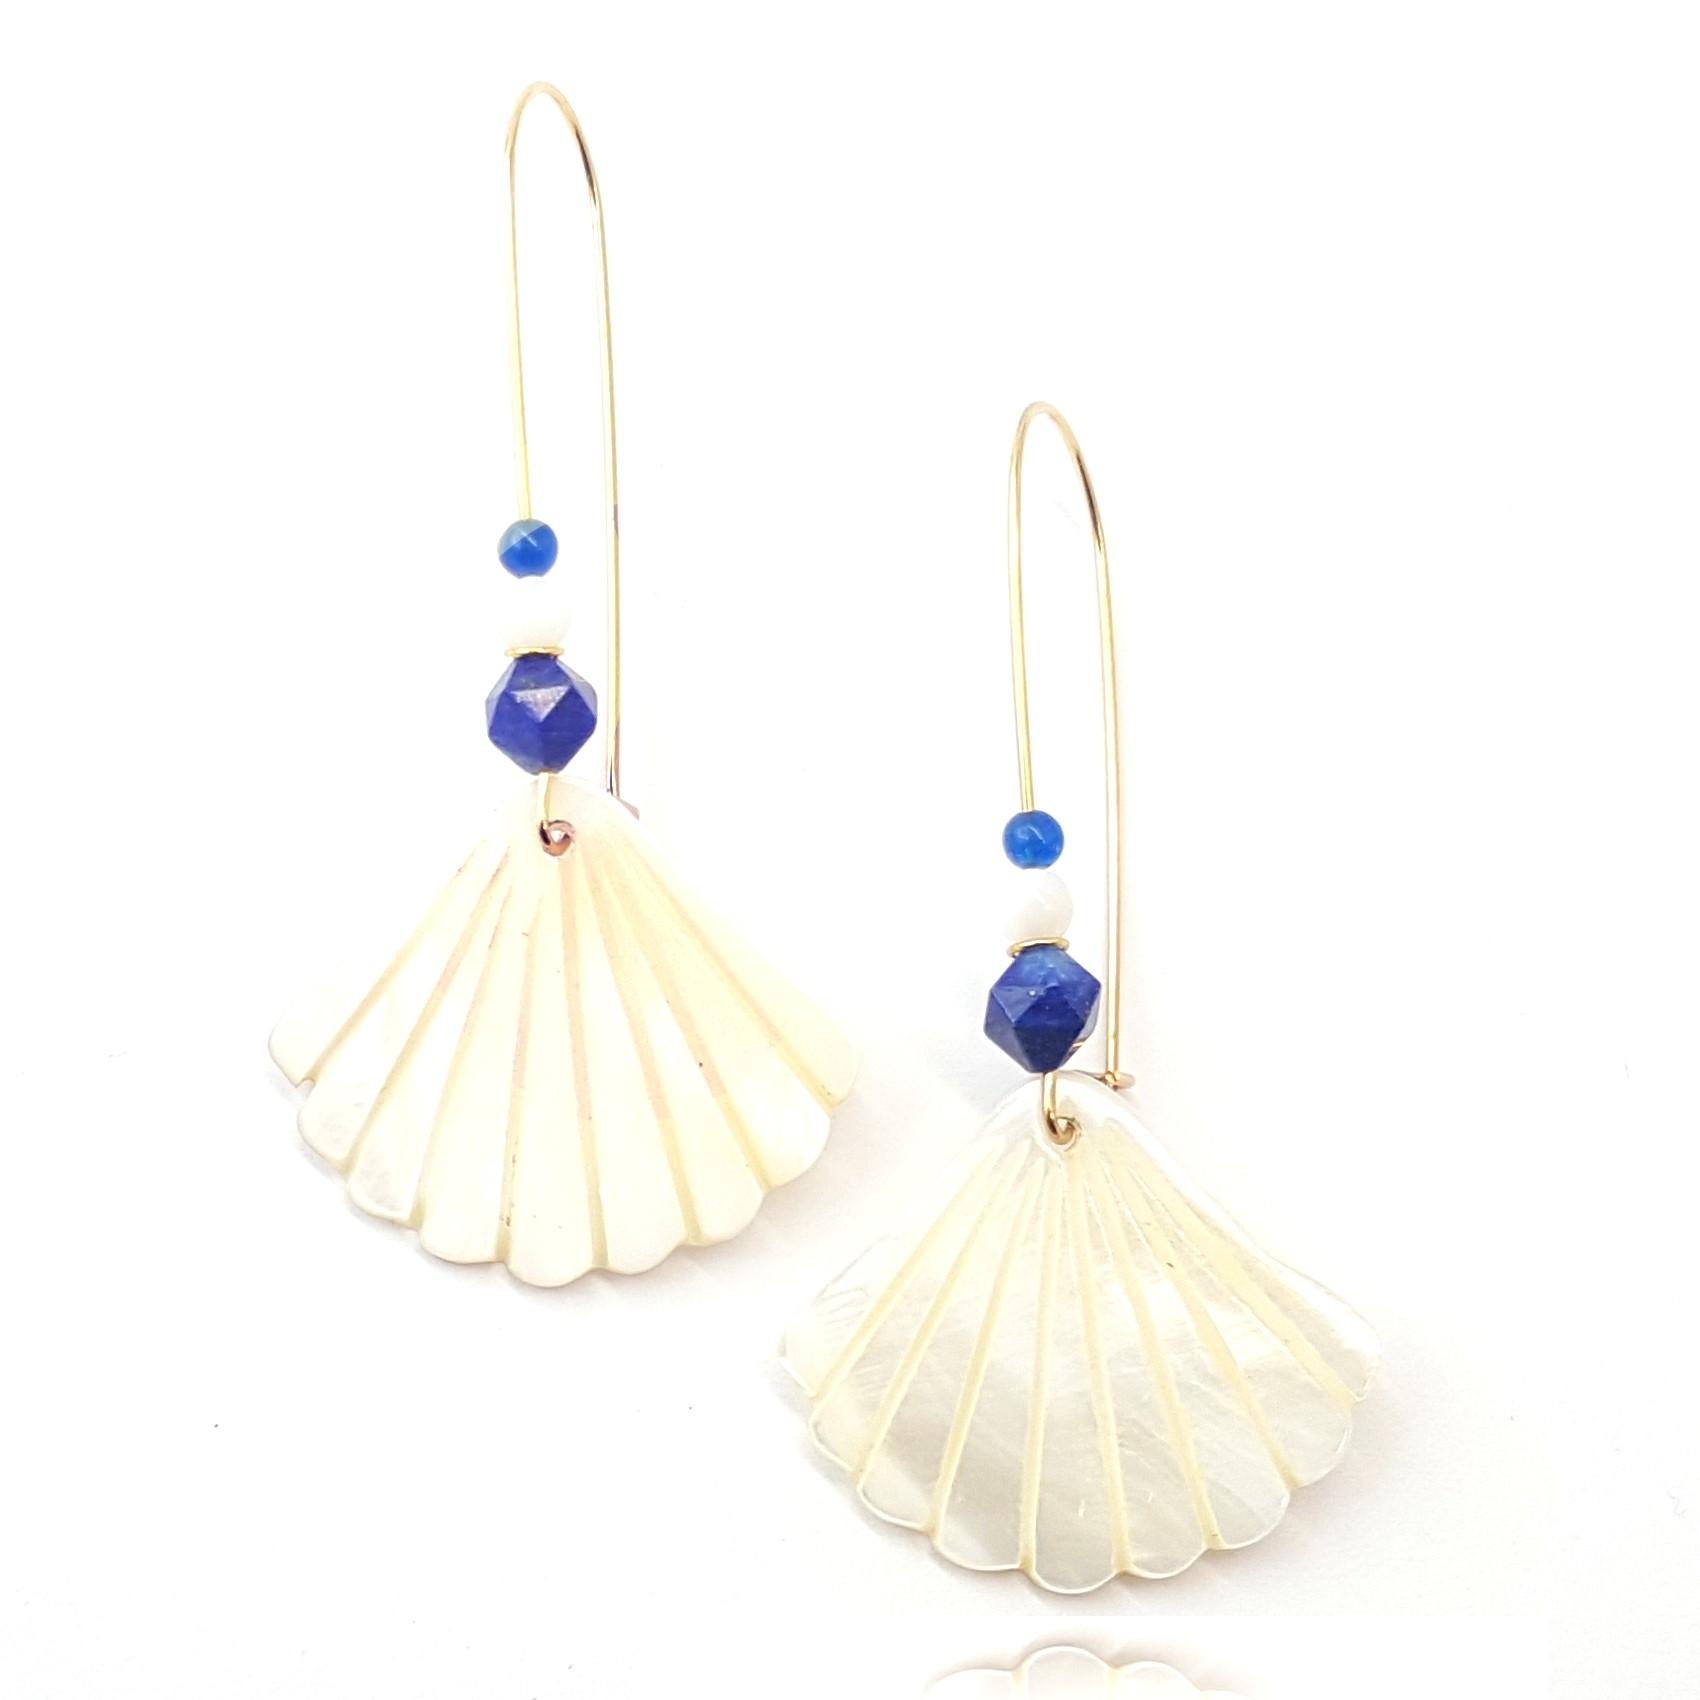 boucles d'oreilles coquille nacre et lapis lazuli - identites bijoux